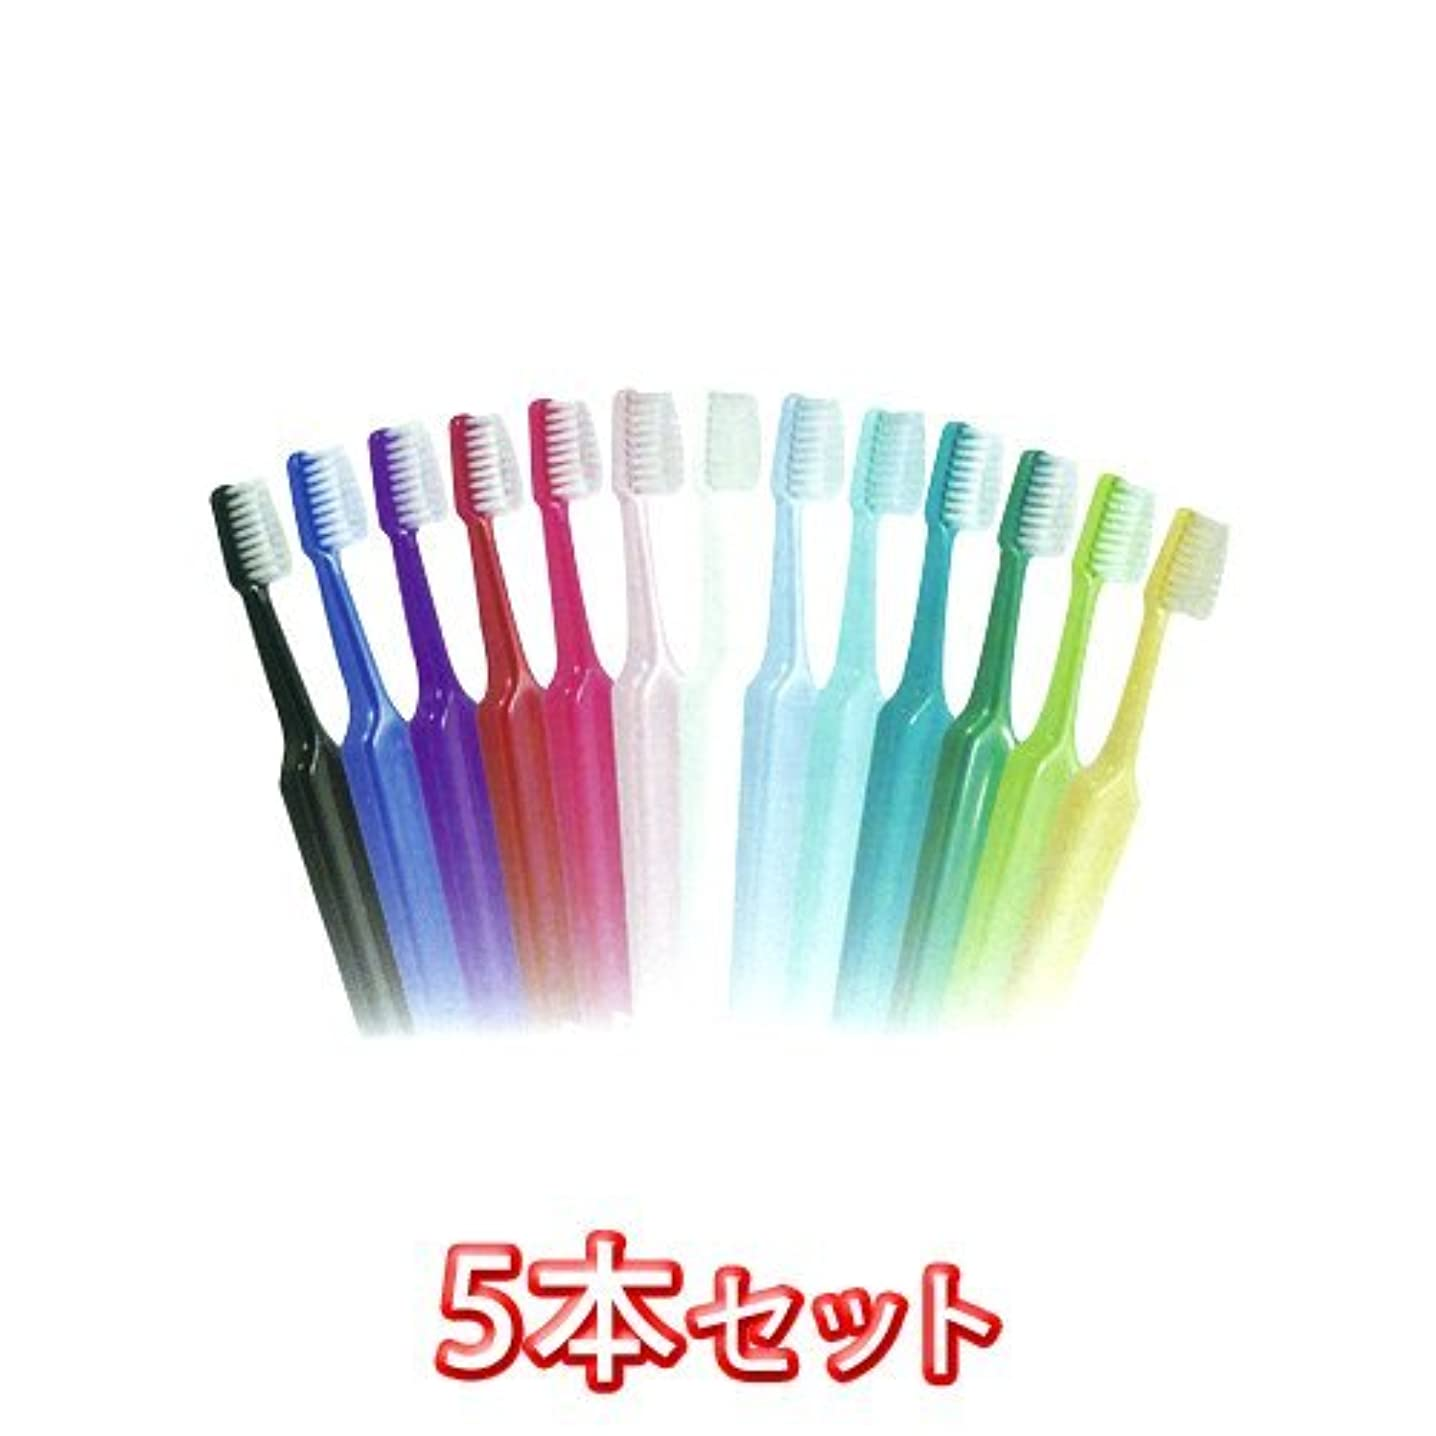 最終感謝している安全なクロスフィールド TePe テペセレクトコンパクト 歯ブラシ × 5本入 コンパクトソフト